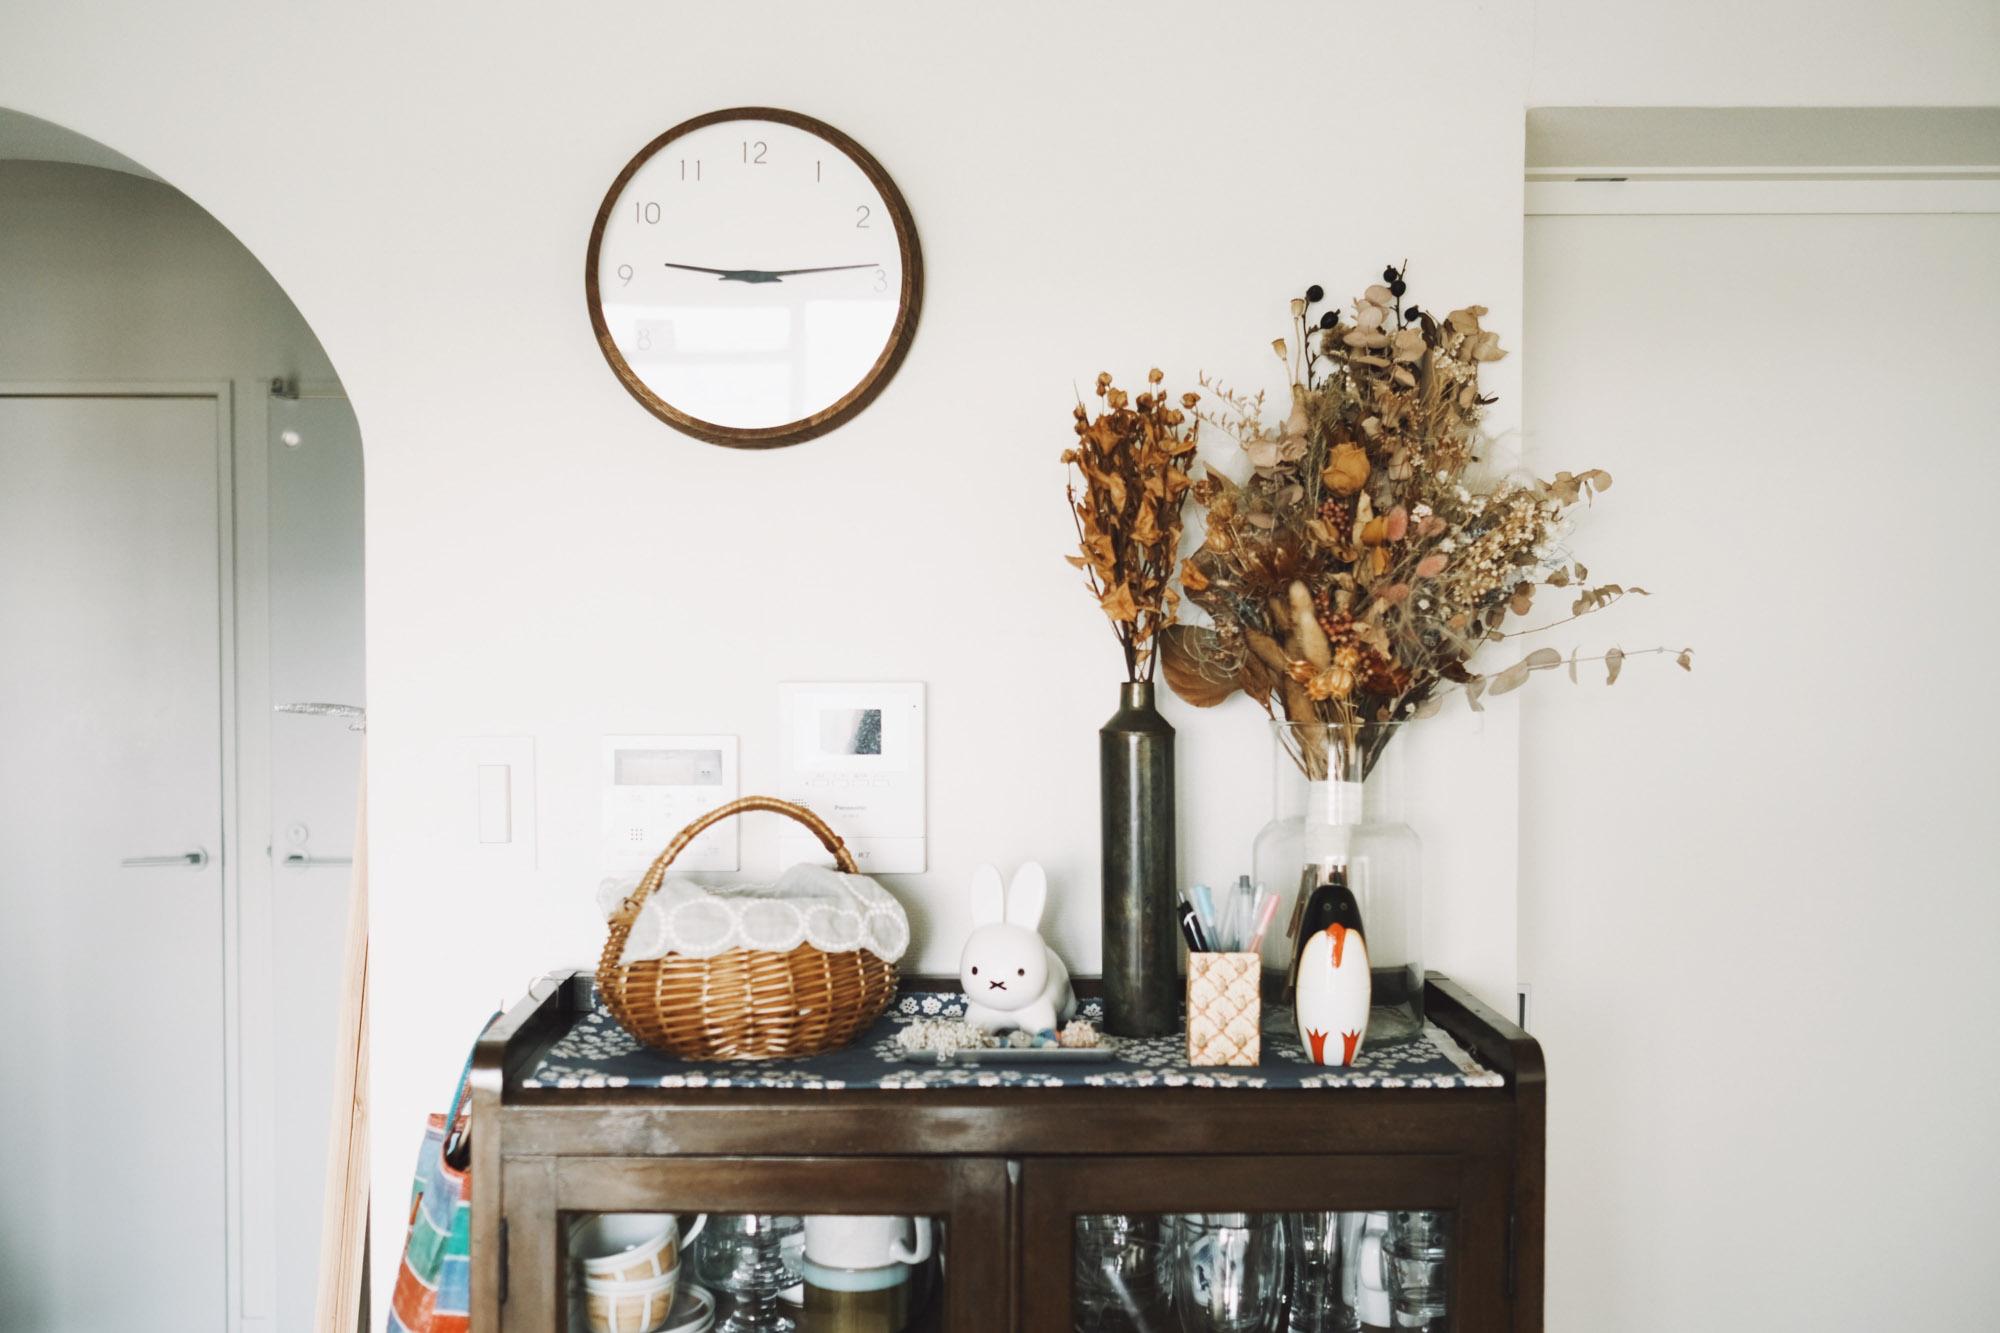 食器棚の上に飾られたドライも、結婚式の時のお花なんだとか。思い出のものをいつも目に入る特等席に飾るのって、素敵ですね。